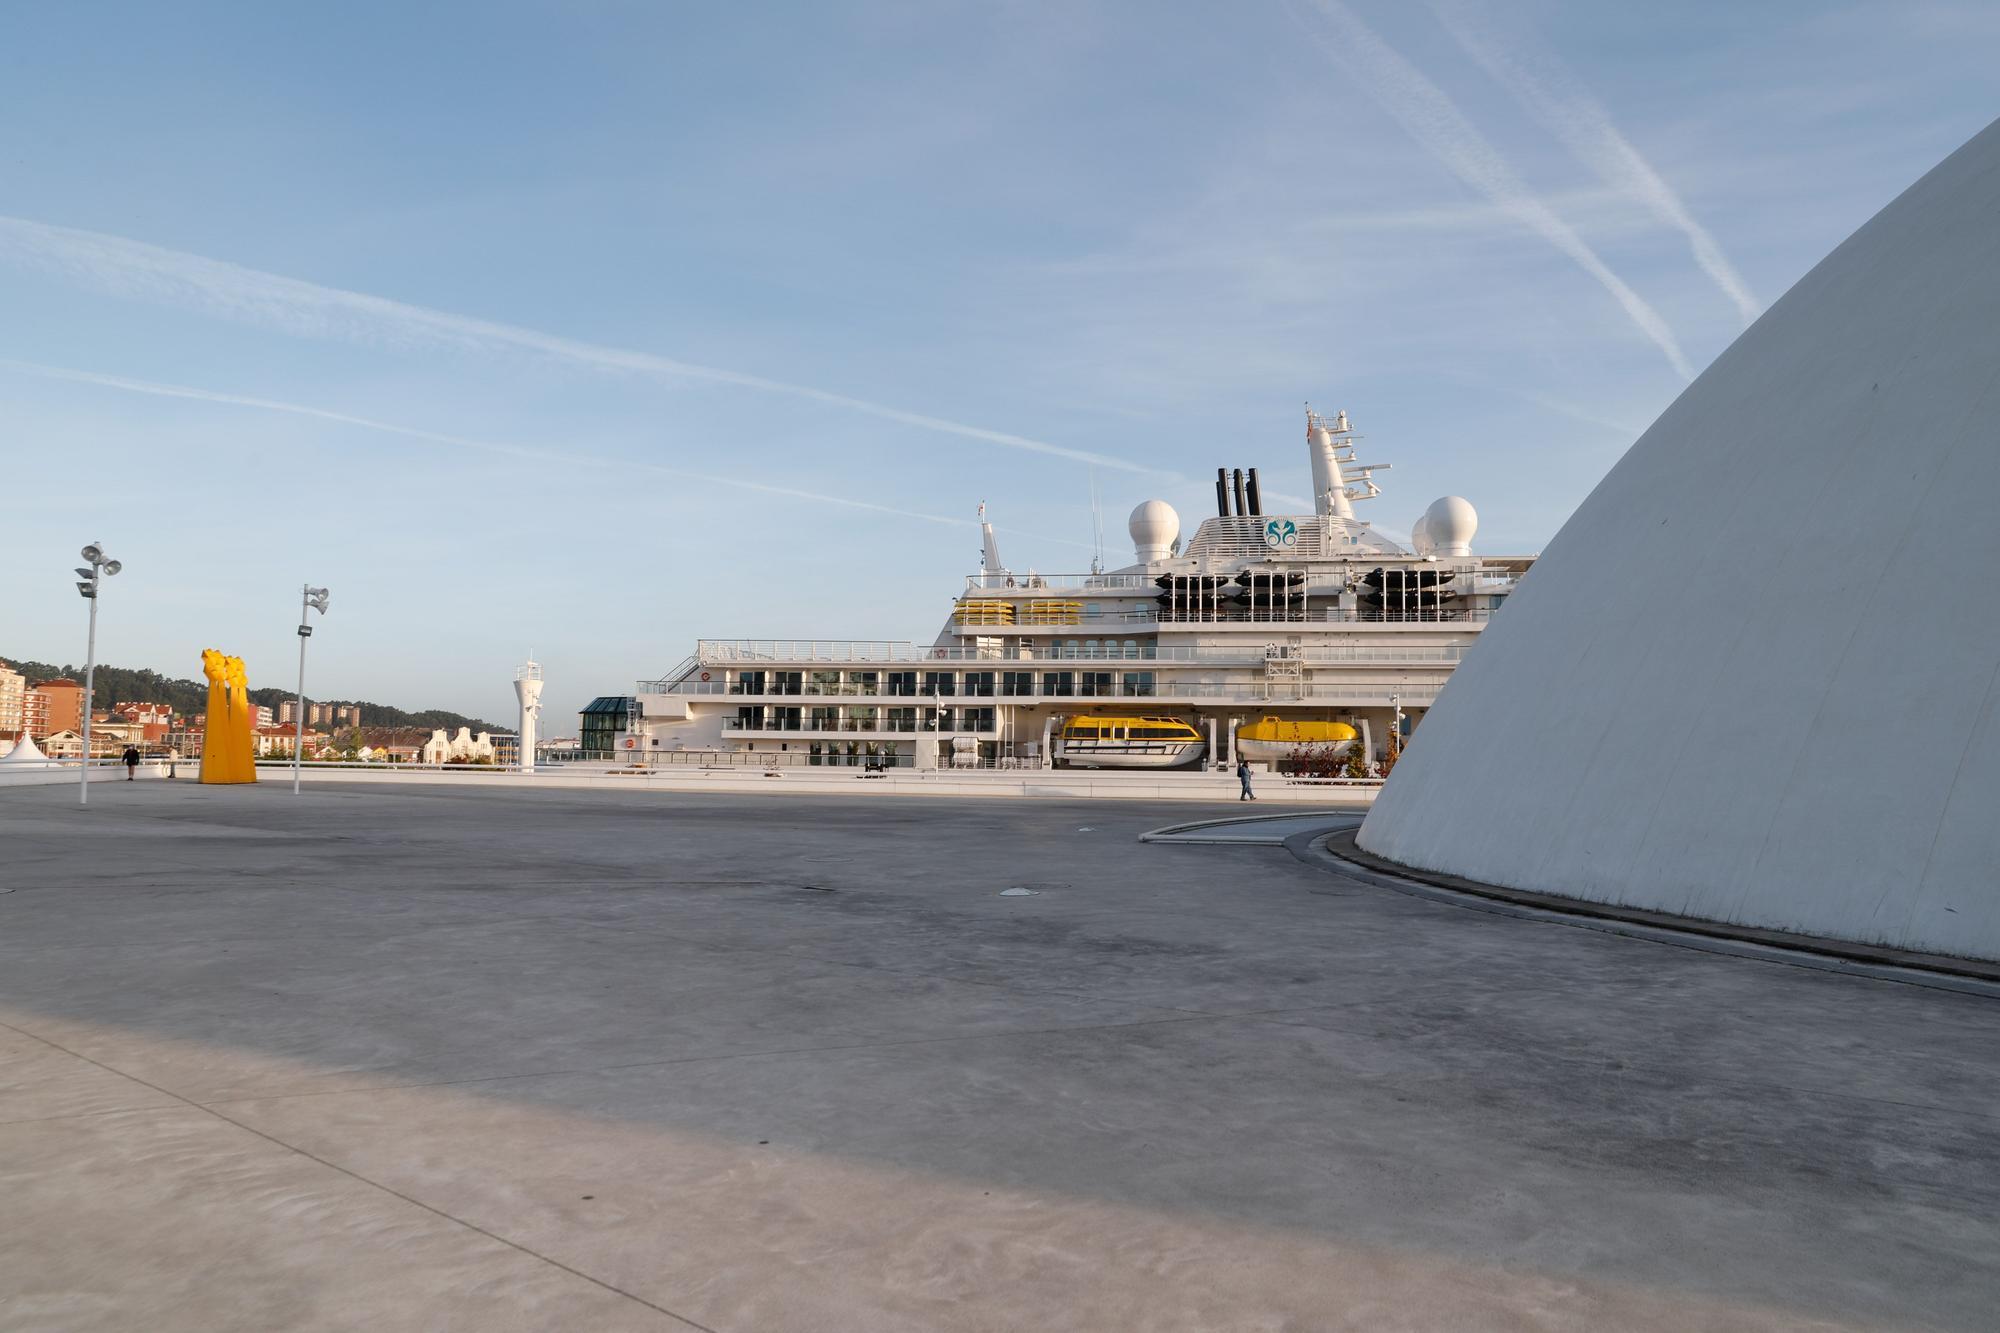 Ferry de lujo en Avilés: el primero pospandemia